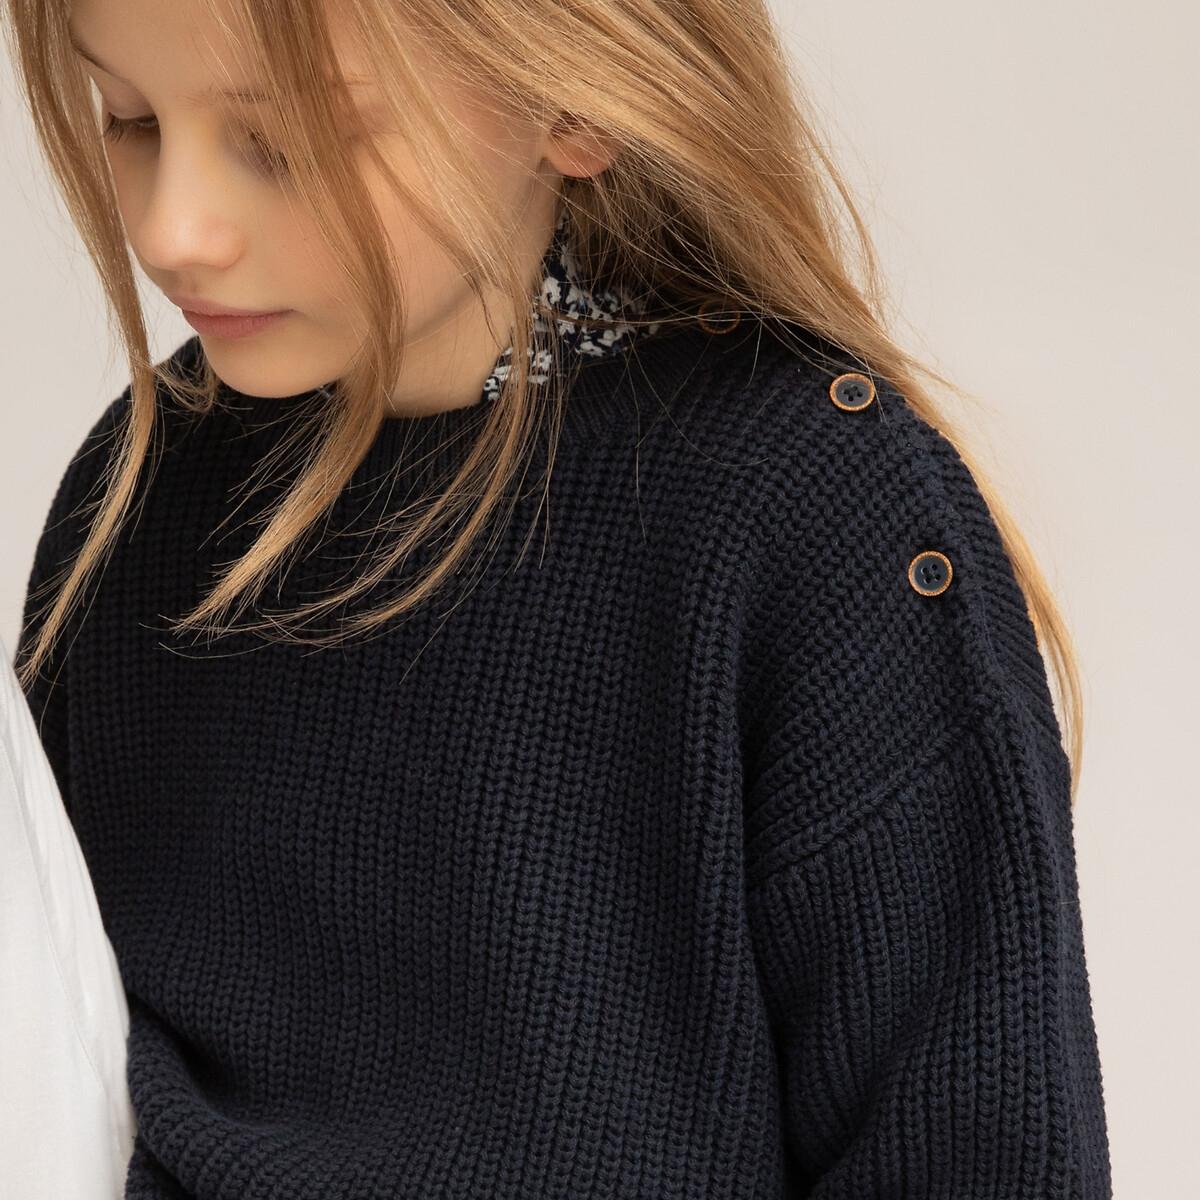 Фото - Пуловер LaRedoute С круглым вырезом из трикотажа крупной вязки 3-12 лет 3 года - 94 см синий пуловер laredoute крупной вязки s синий